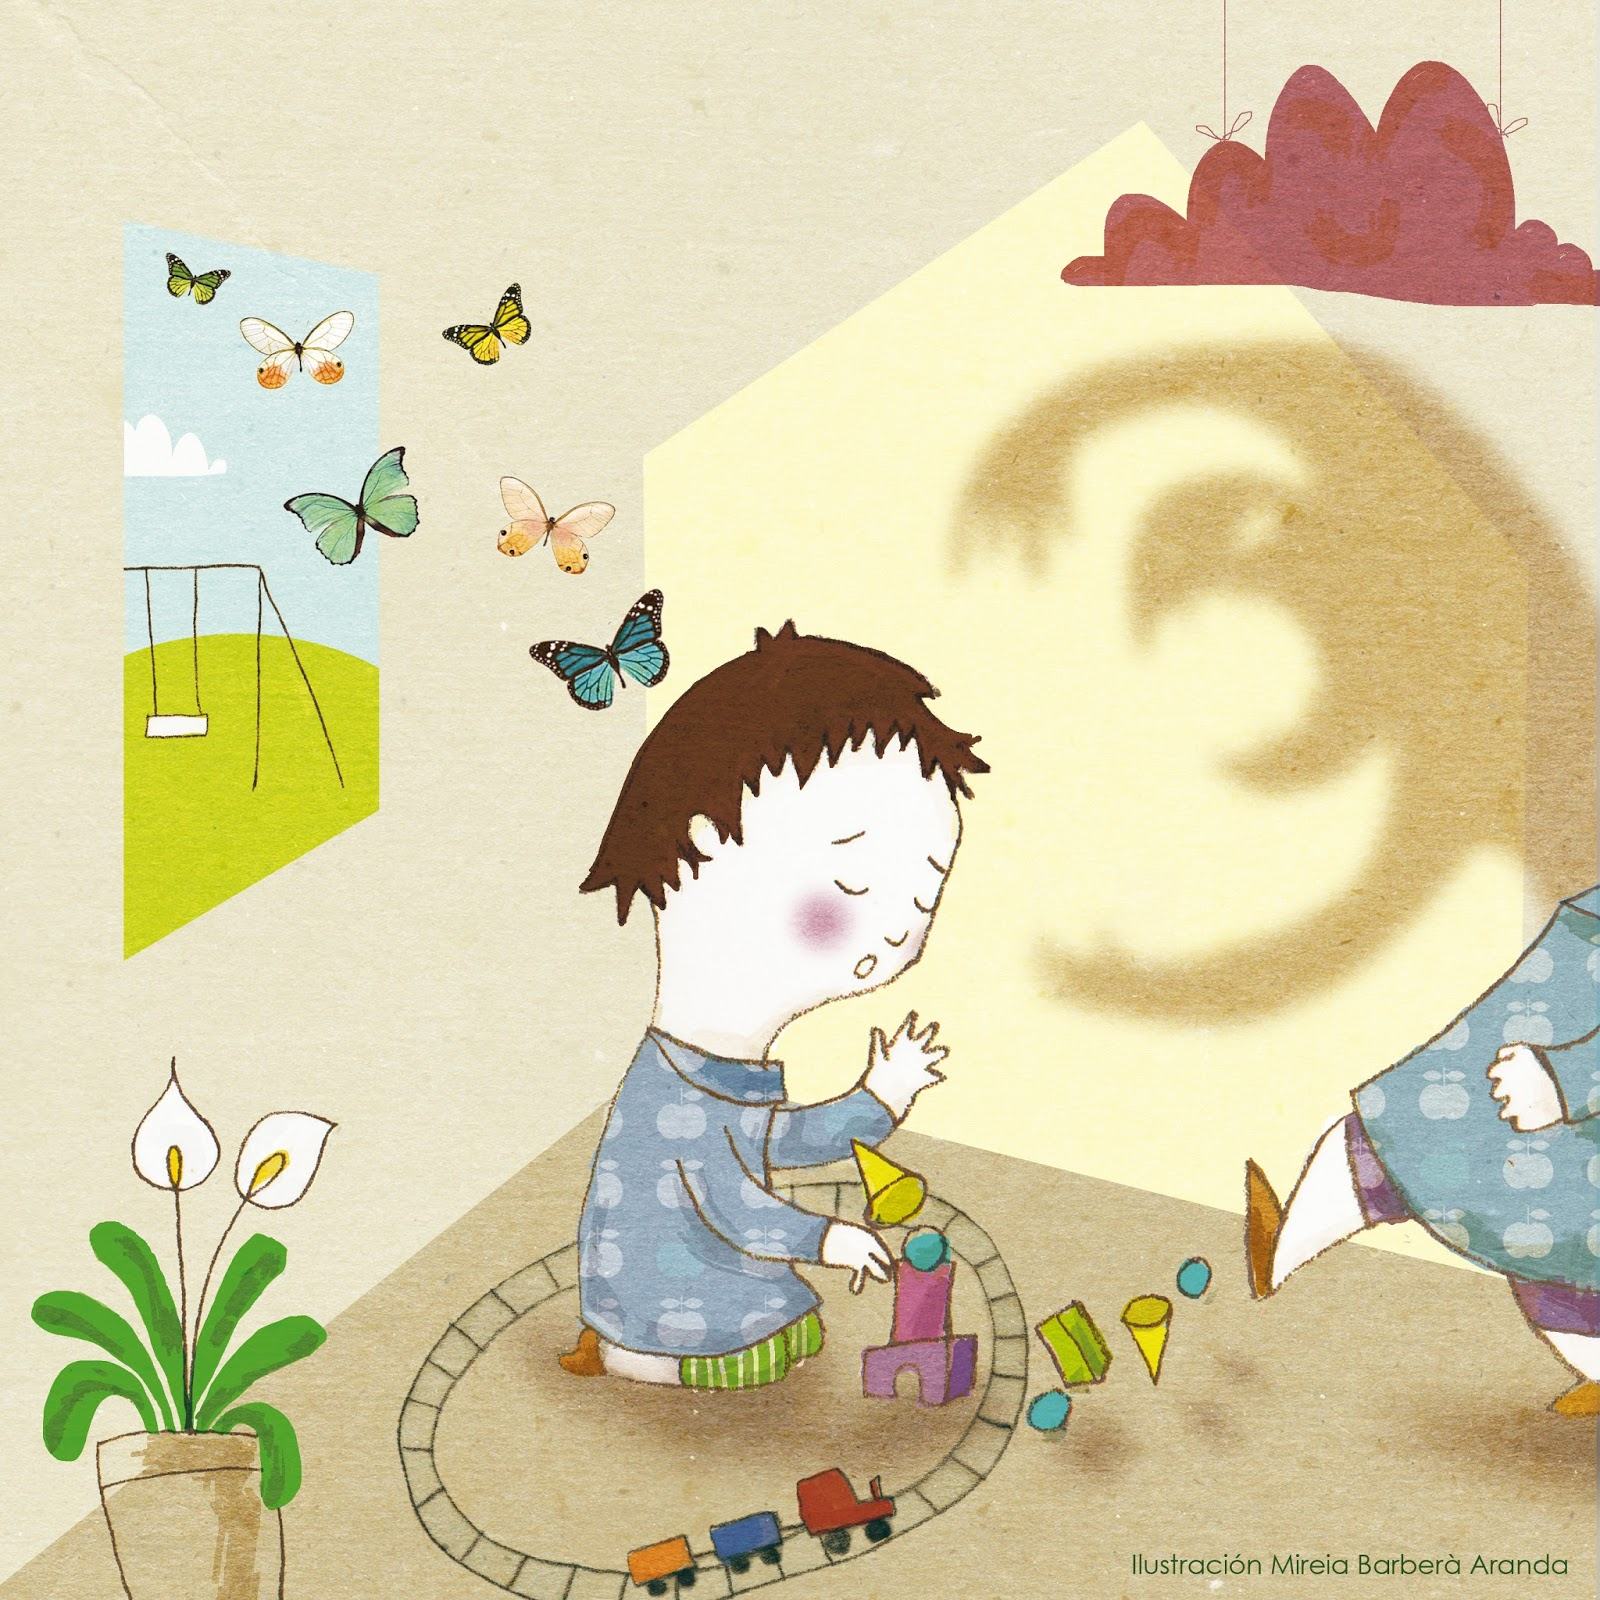 Hugo y la receta mágica. Tratando el Acoso escolar infantil desde la experiencia personal.